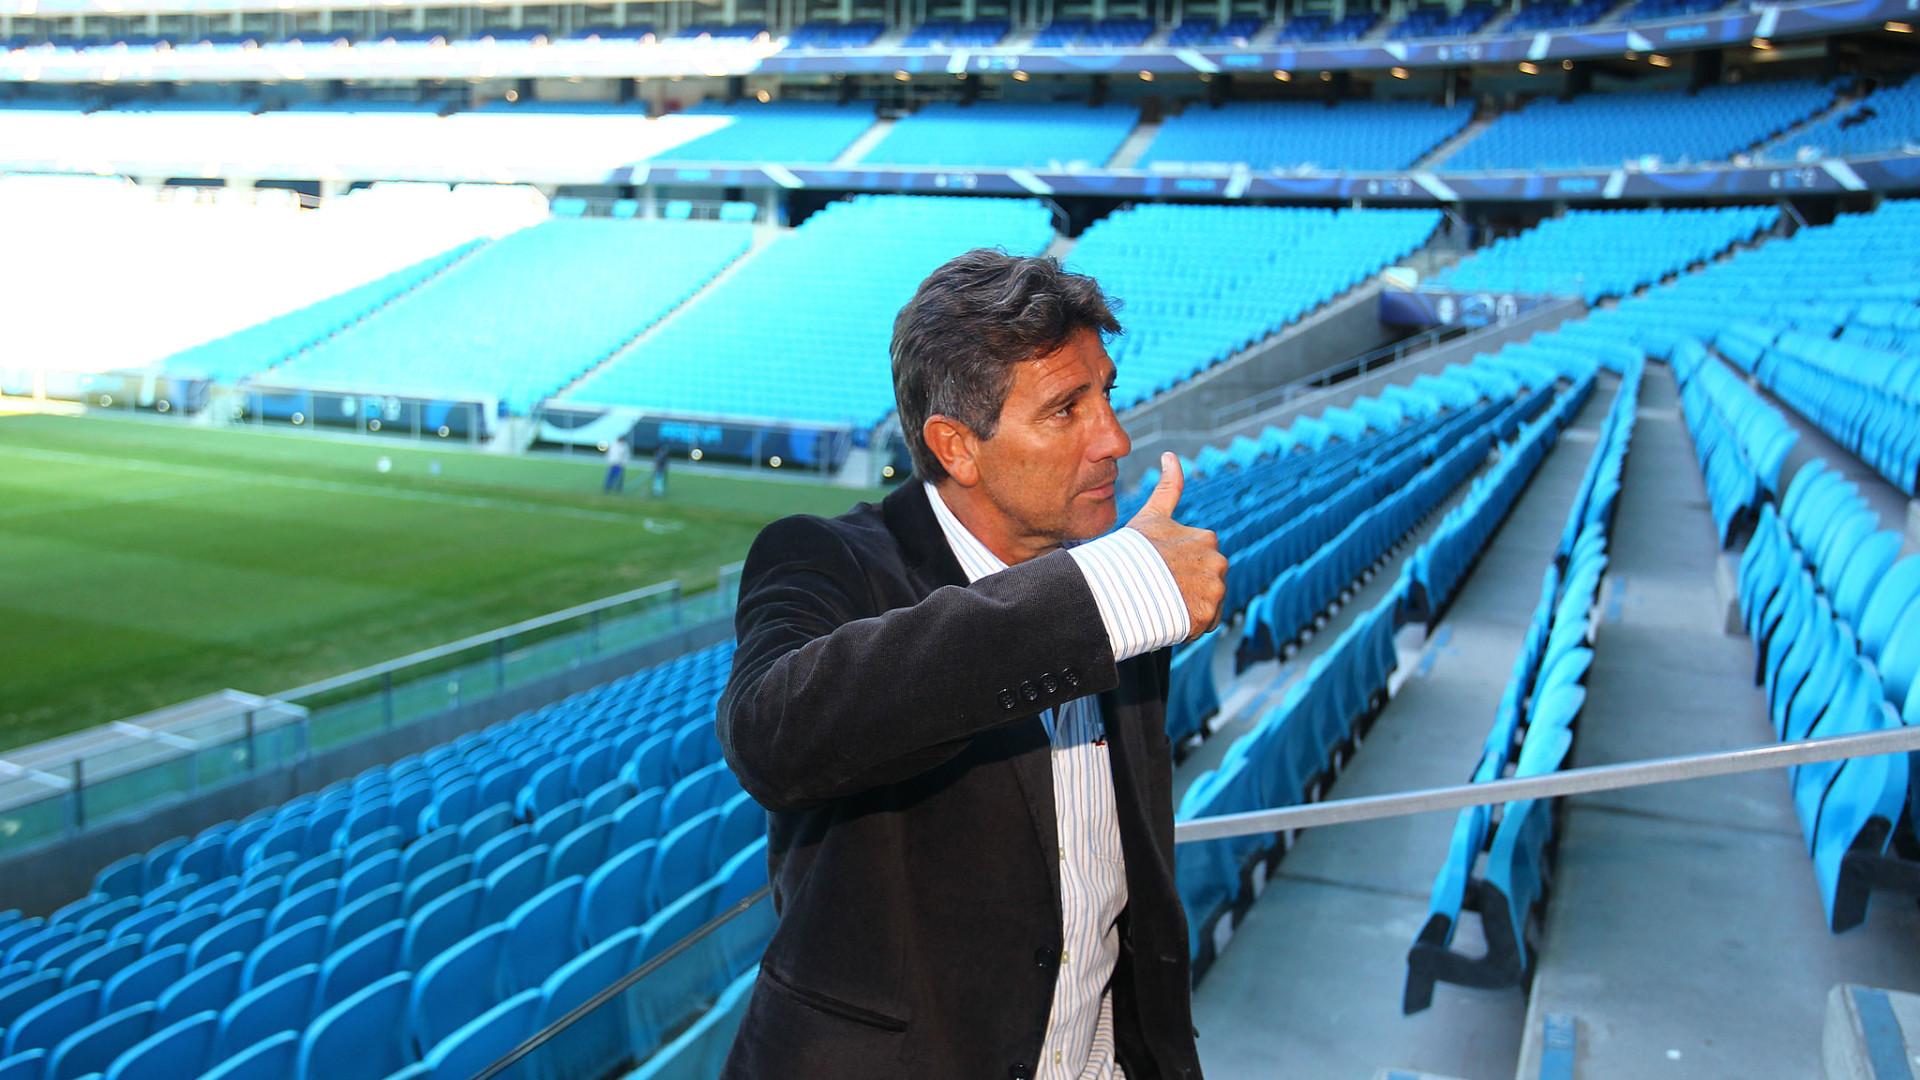 Renato dá 'nota 10' ao time, rebate críticas diz que 'não tem crise'